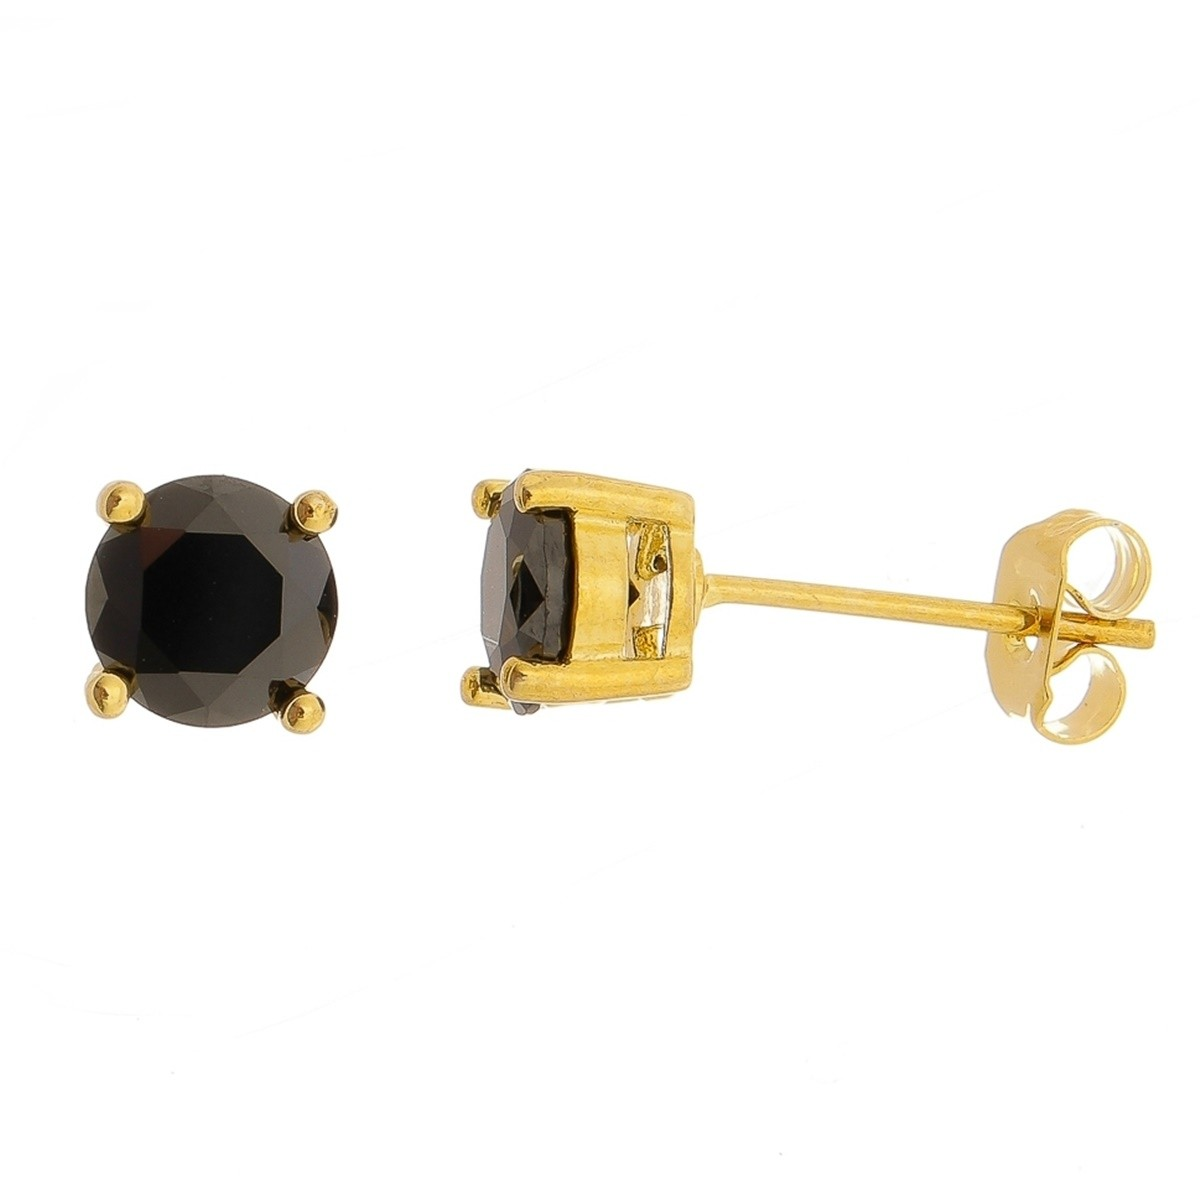 Brinco Preto Segundo Furo 6 mm Semijoia em Ouro 18K com Zircônia  - SOLOYOU